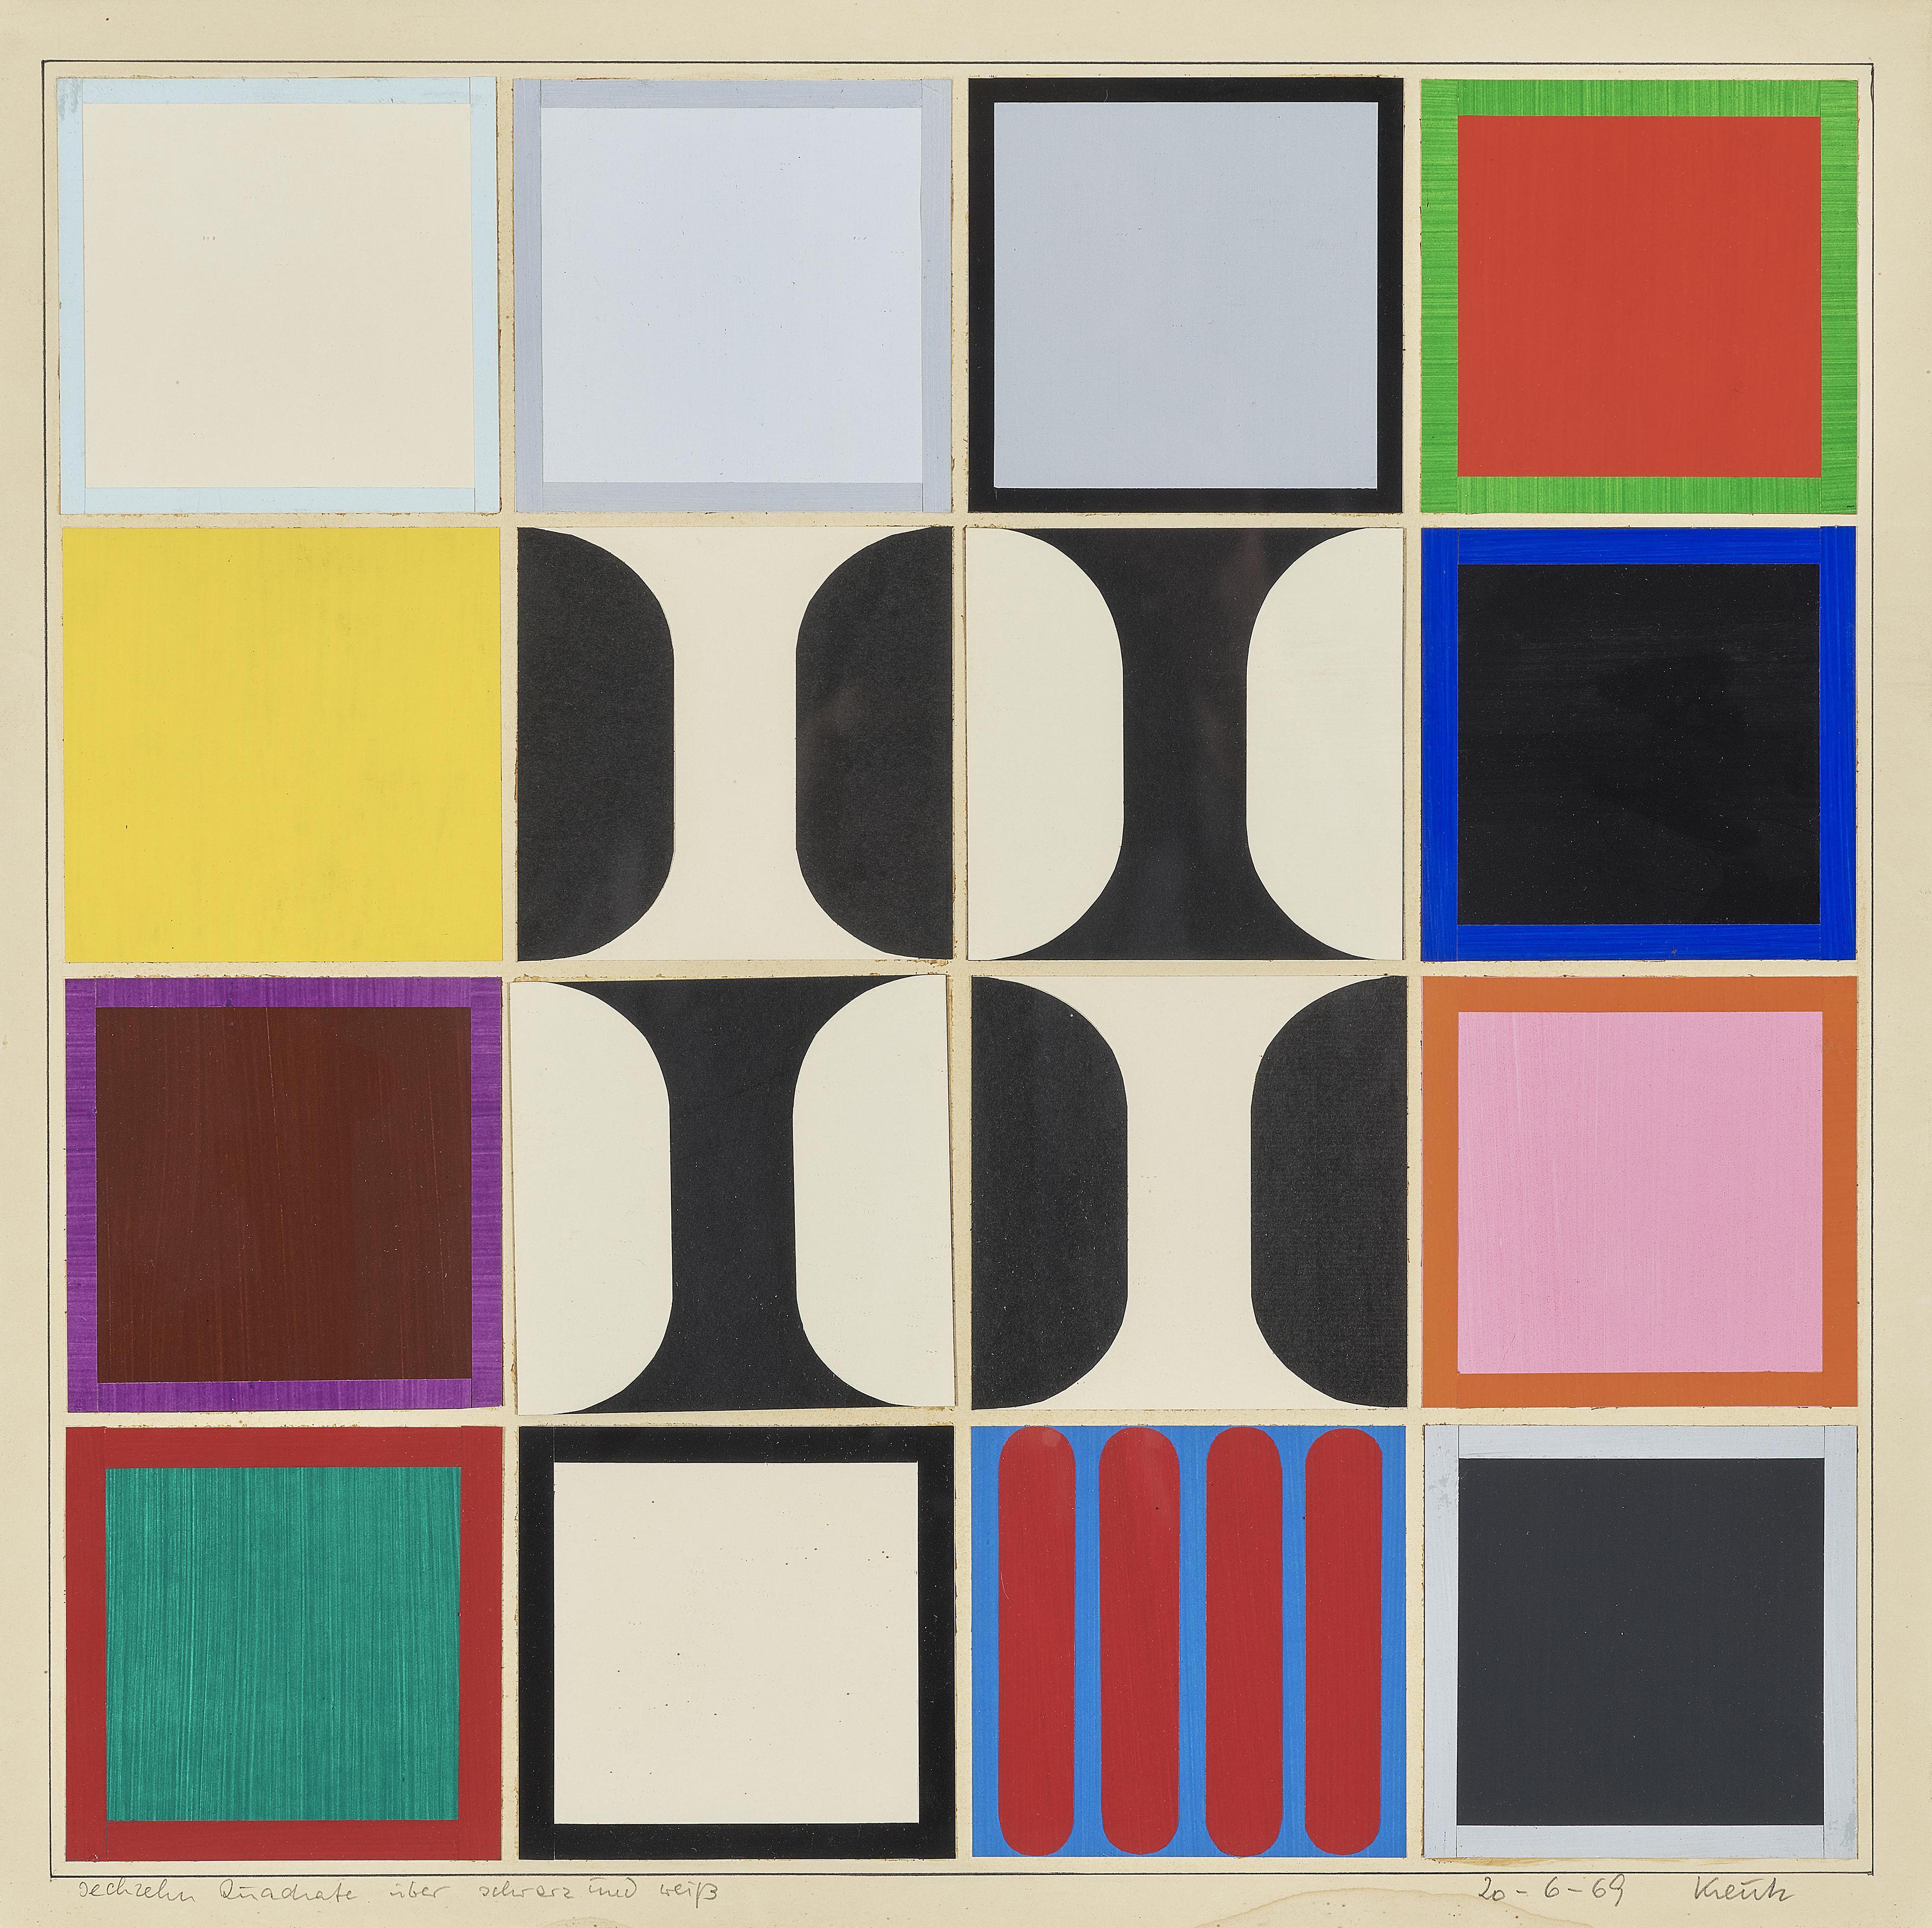 Heinz Kreutz - Sechzen Quadrate Uber Schwarz Und Weiss (Six Squares Over Black and White)-1969